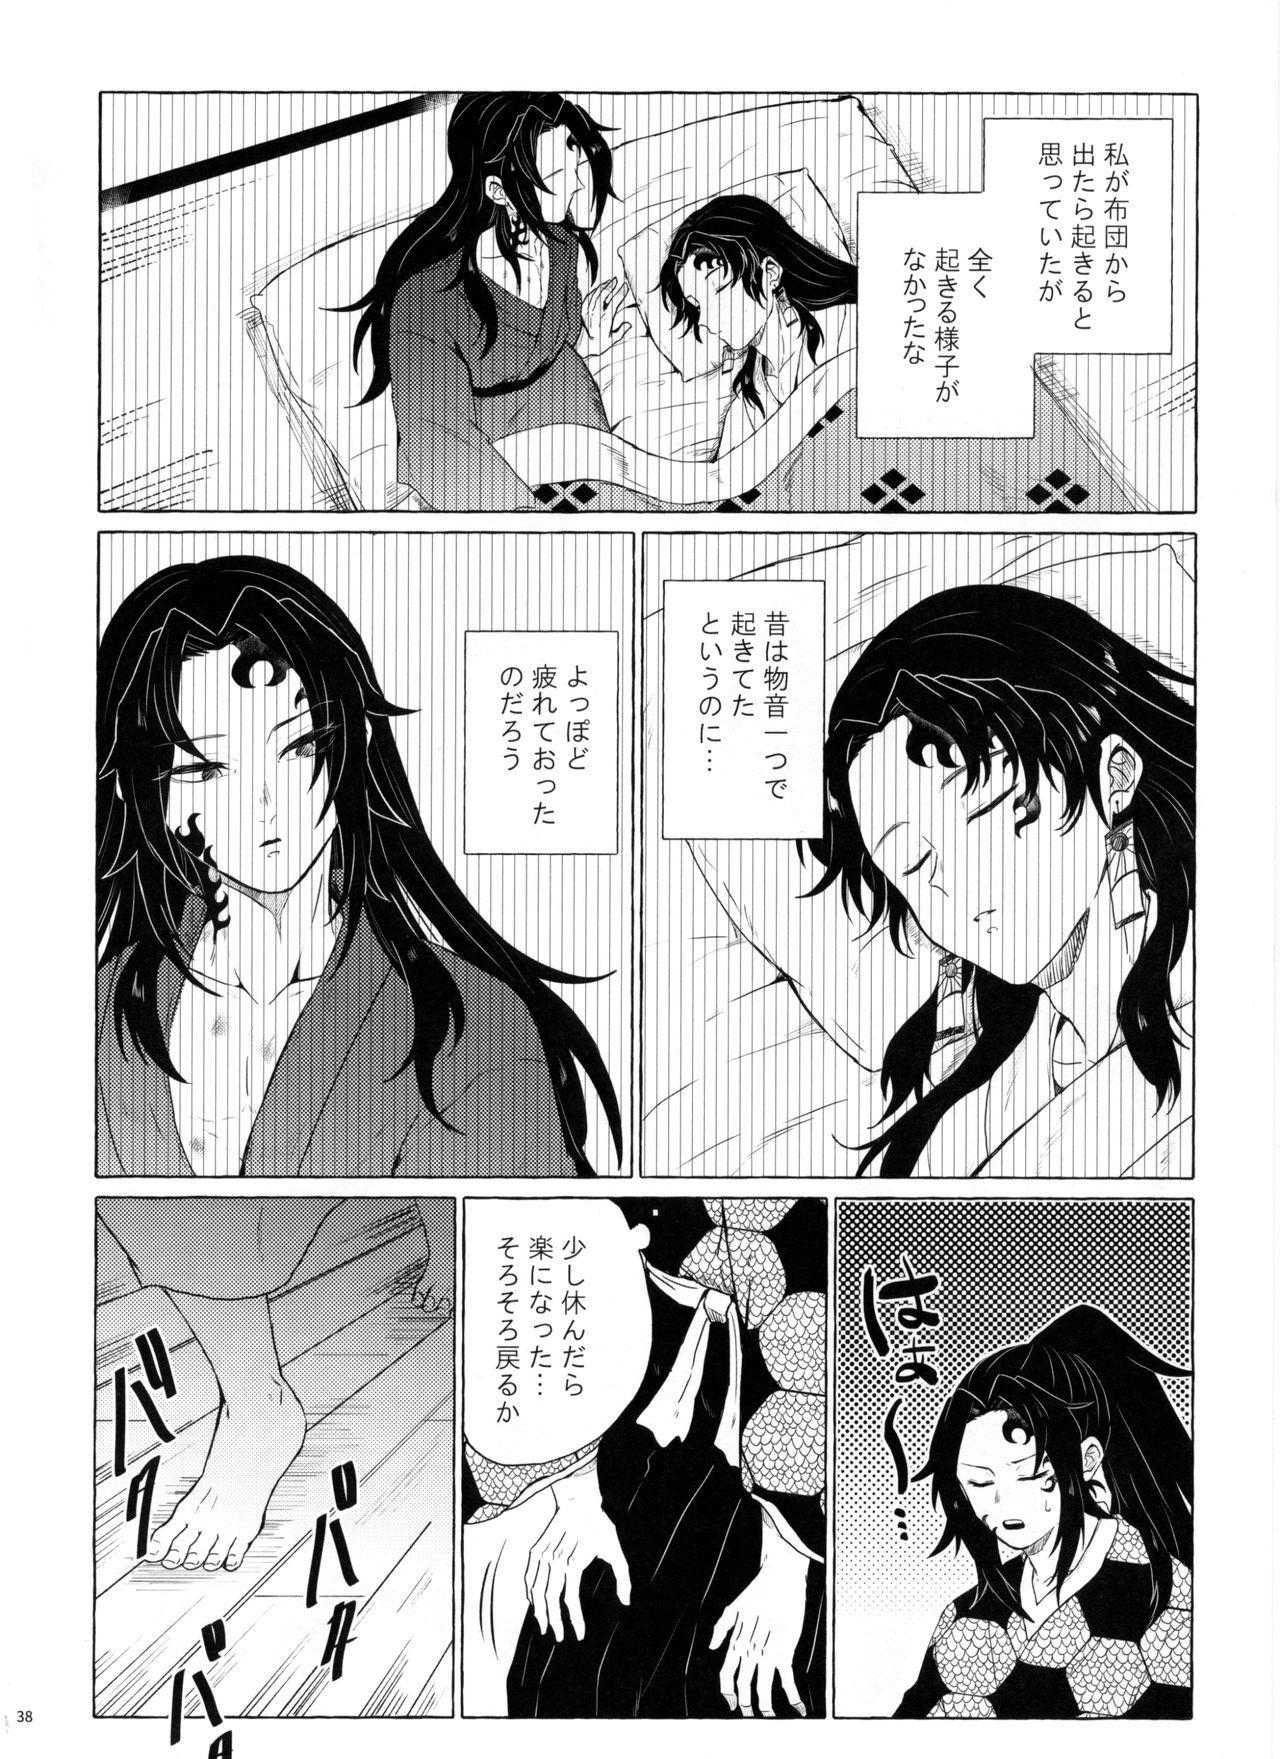 Tanoshii Jigoku no Icchoume 36